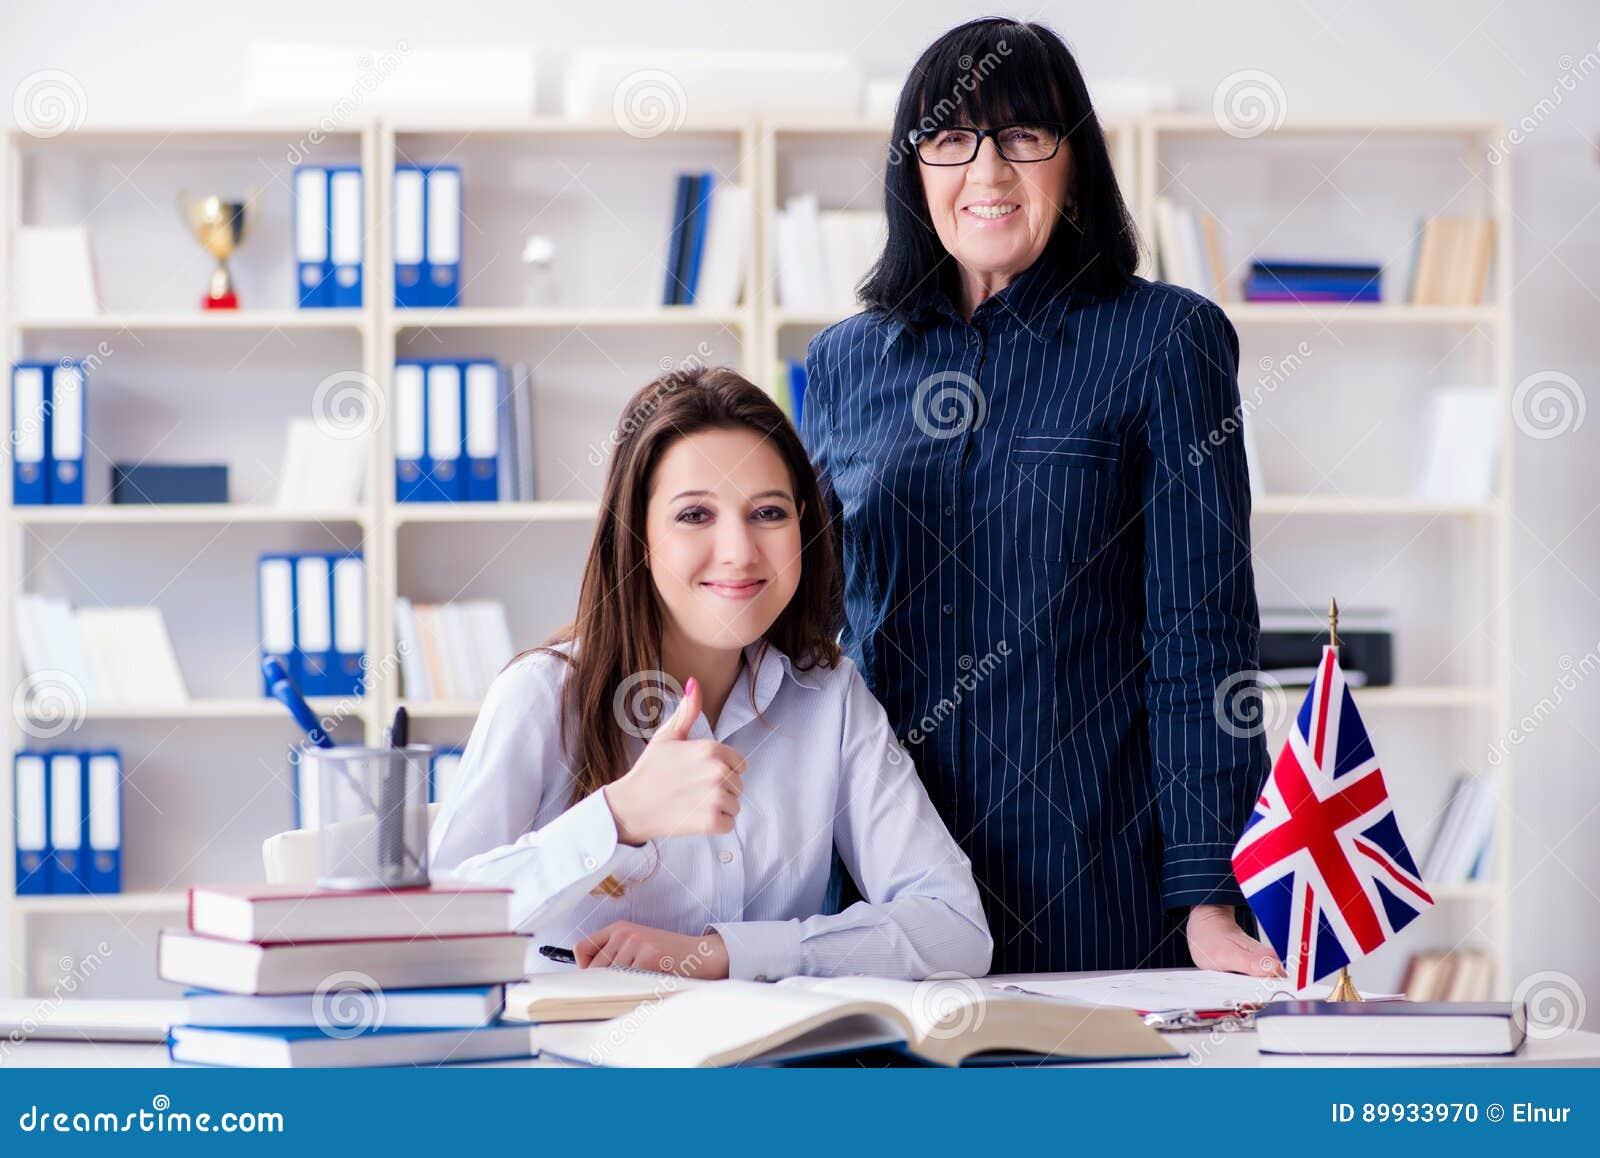 Le jeune étudiant étranger pendant la leçon d anglais